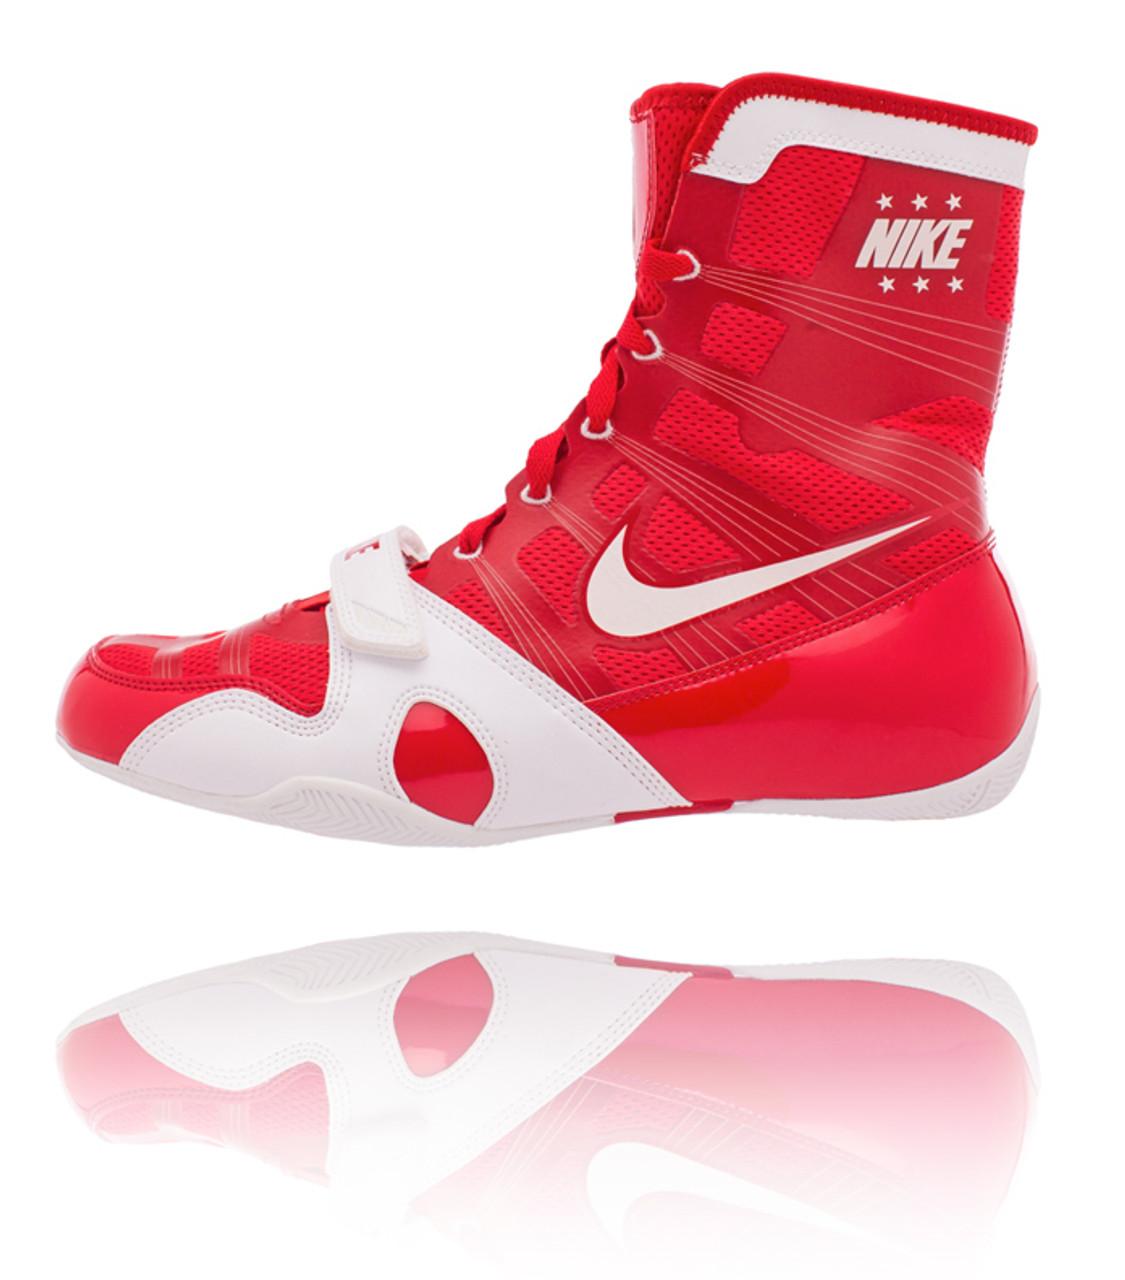 Impresionismo Decepción Centrar  Nike HyperKO - Red Boxing Shoes - PRO BOXING SHOP